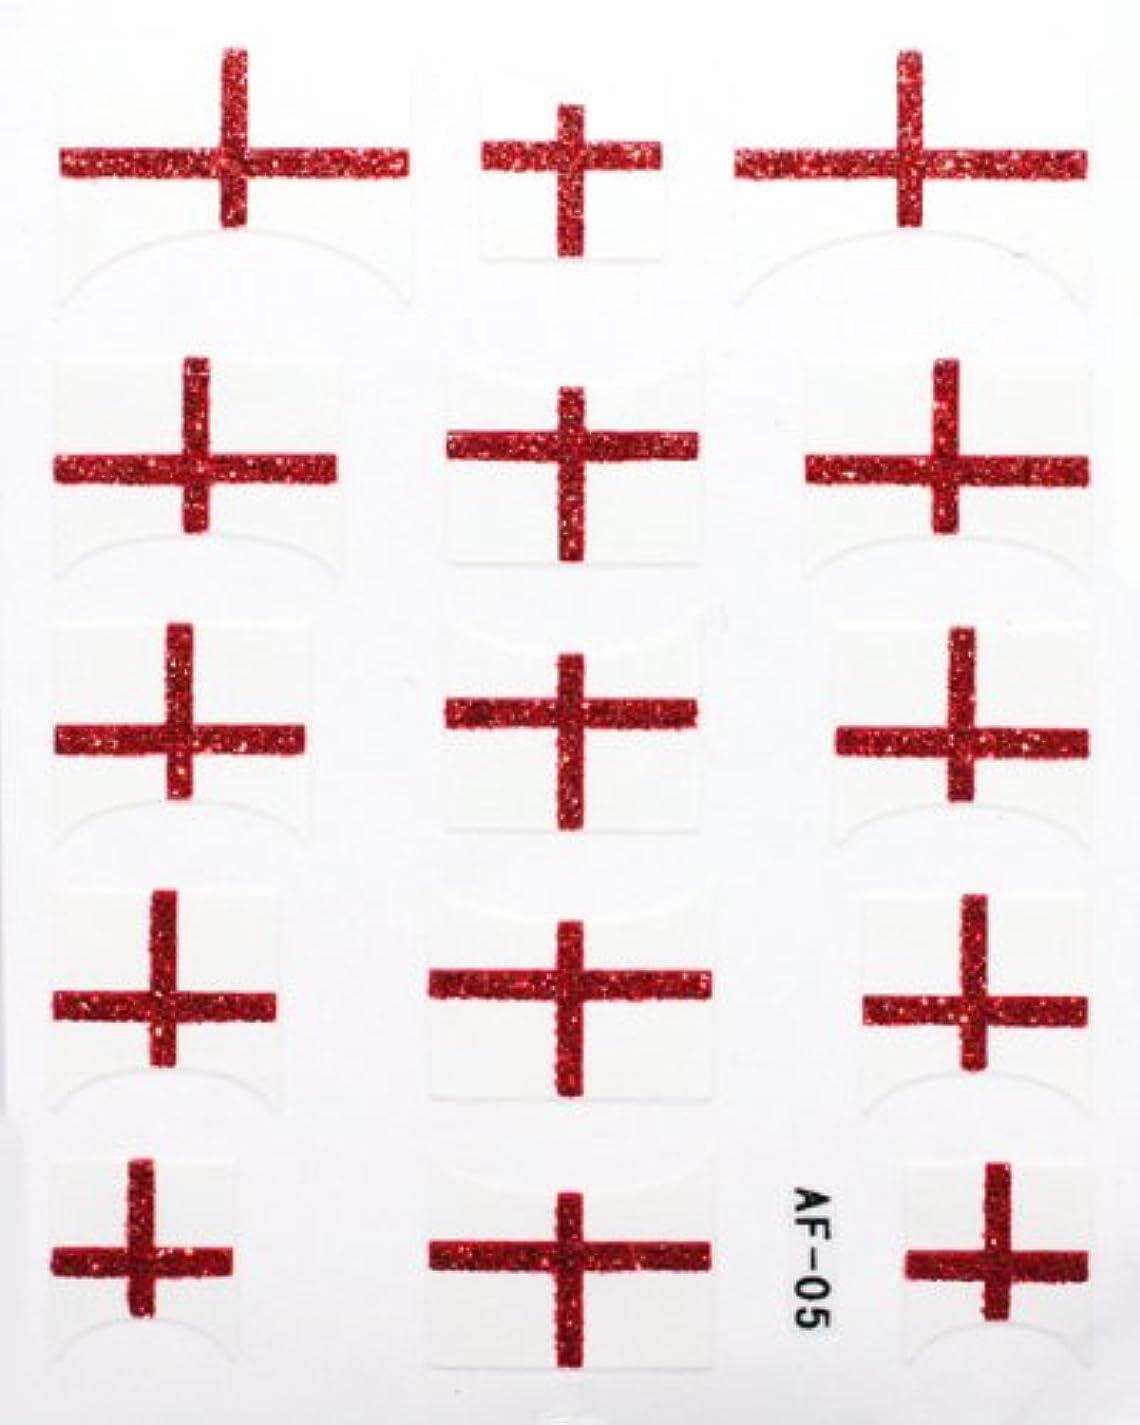 プロポーショナル殺人者彼はきらきら逆フレンチネイルシール イングランド国旗 AF05 貼るだけ ジェルネイルアート